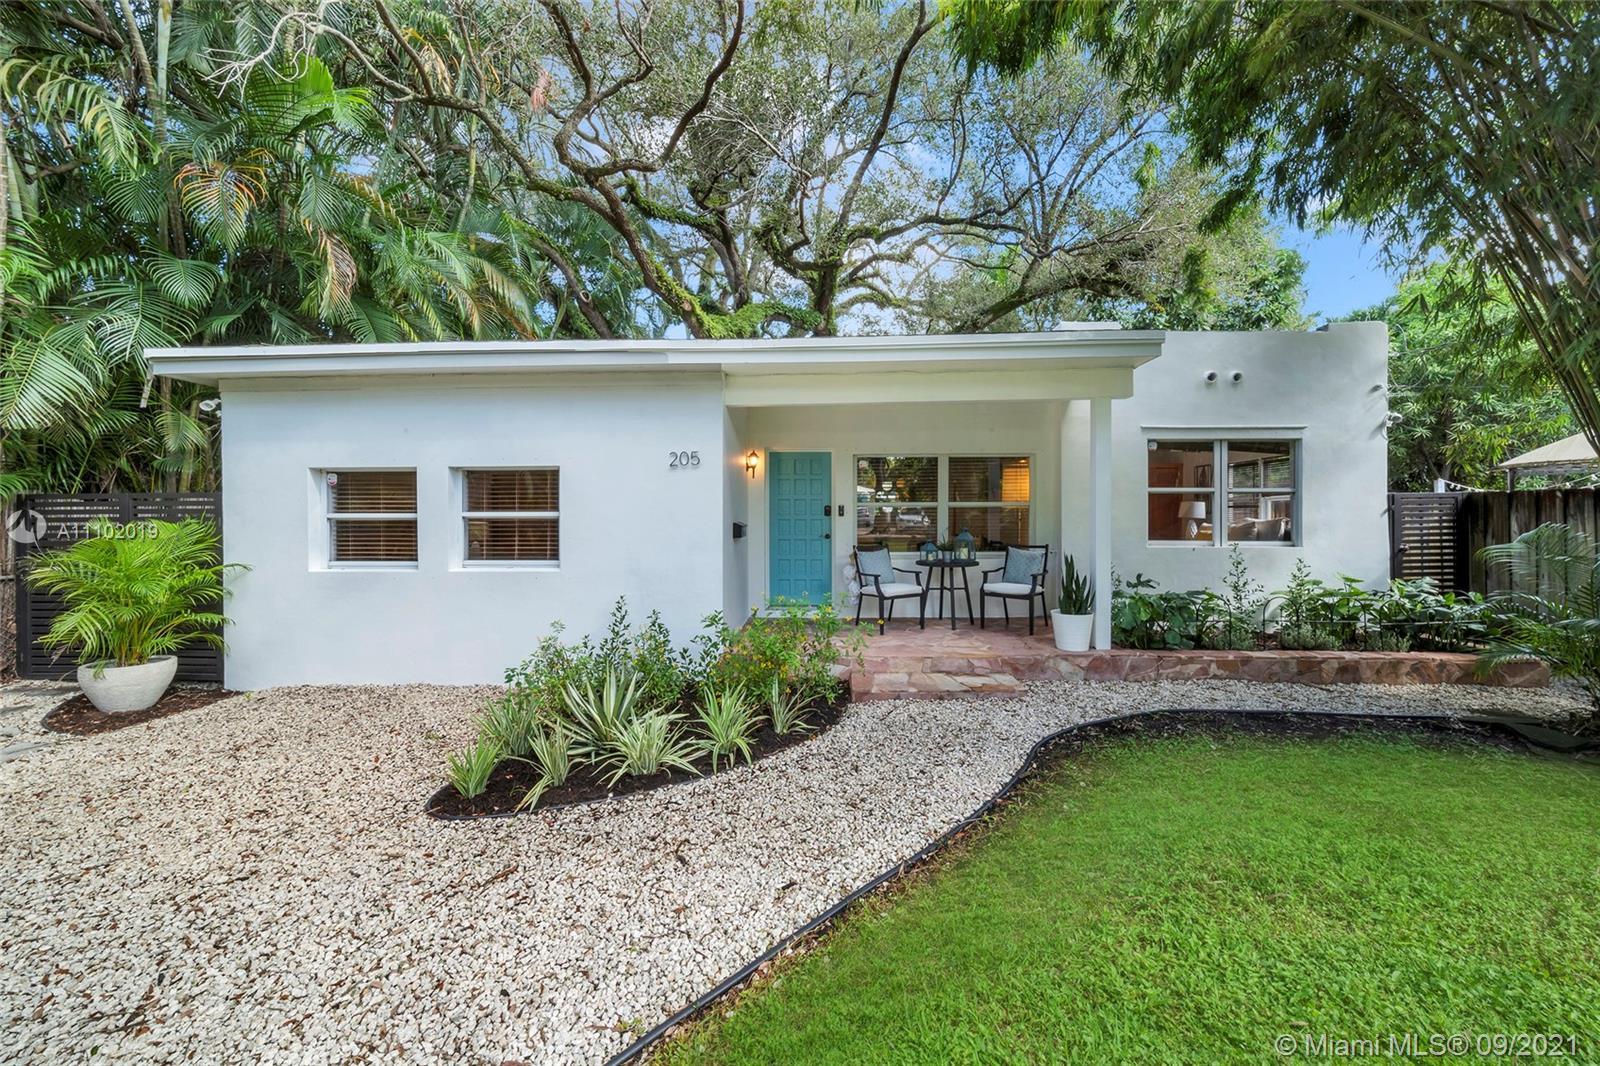 205 86th St, El Portal, Florida 33138